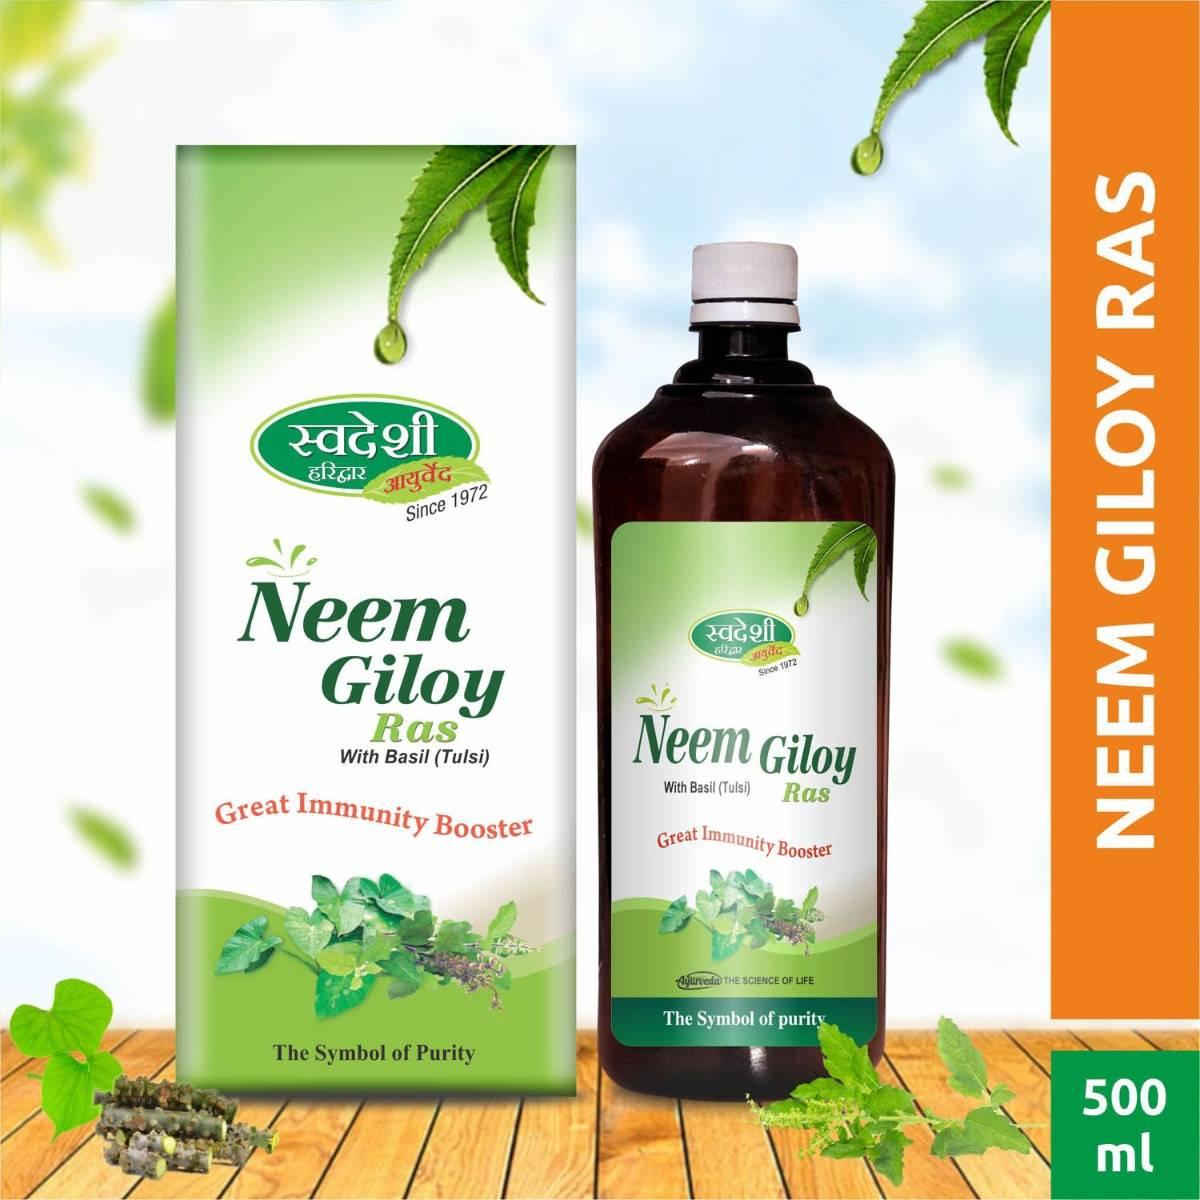 Swadeshi Neem Giloy Ras Juice, 500 ml